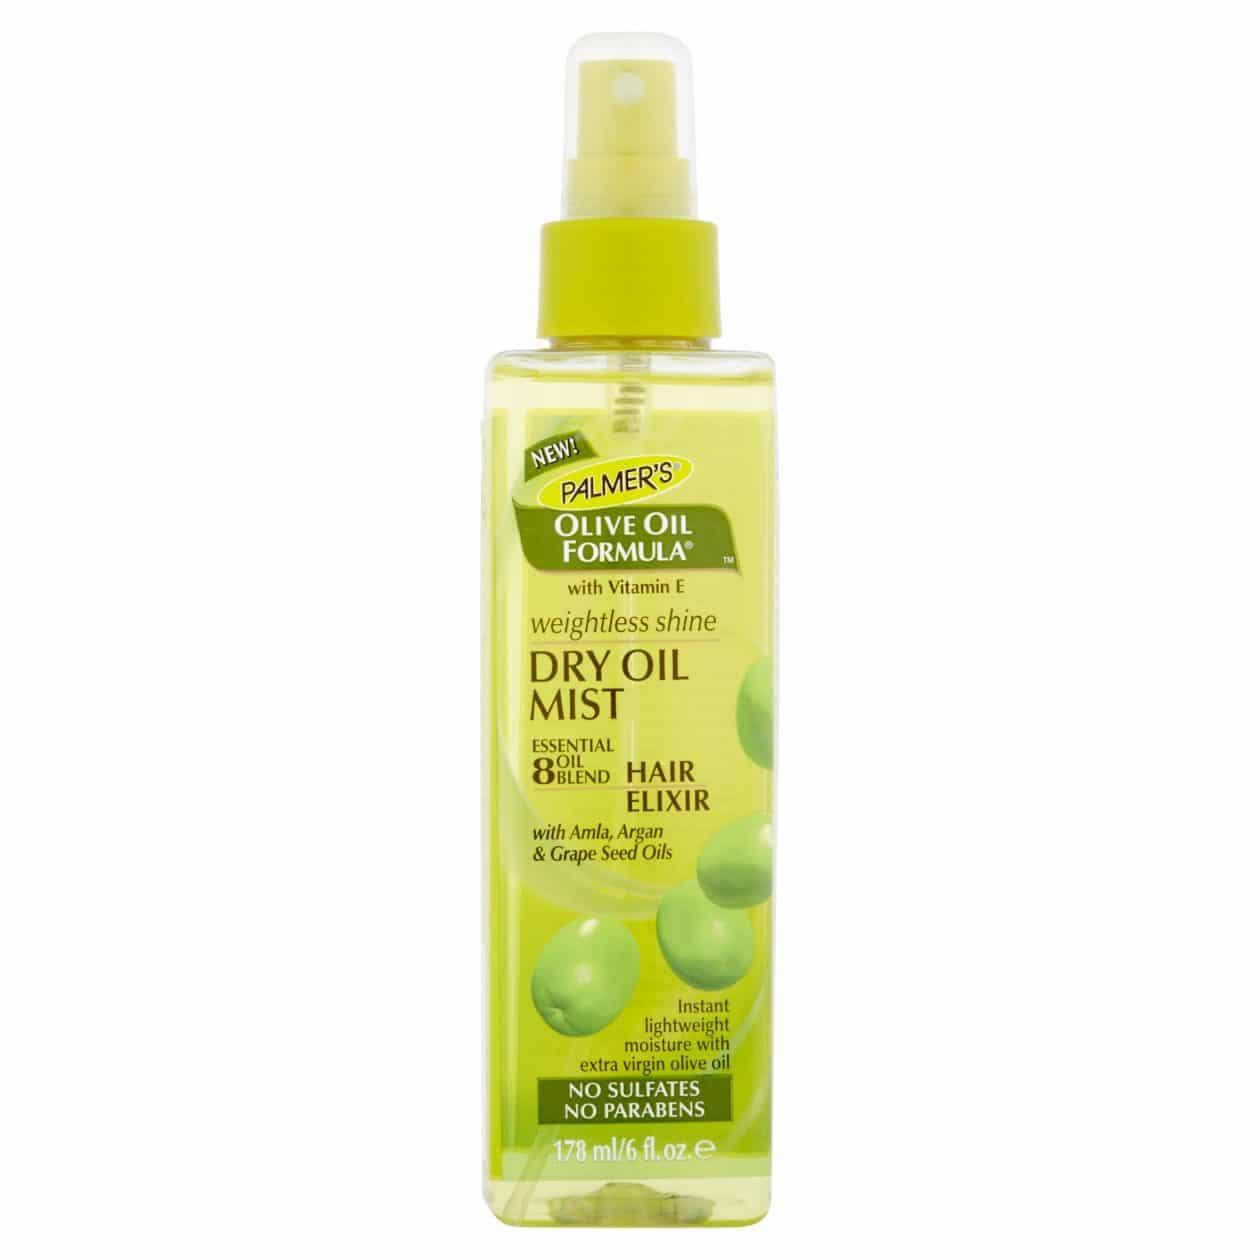 Palmer's Olive Oil Formula Dry Oil Mist Hair Elixir